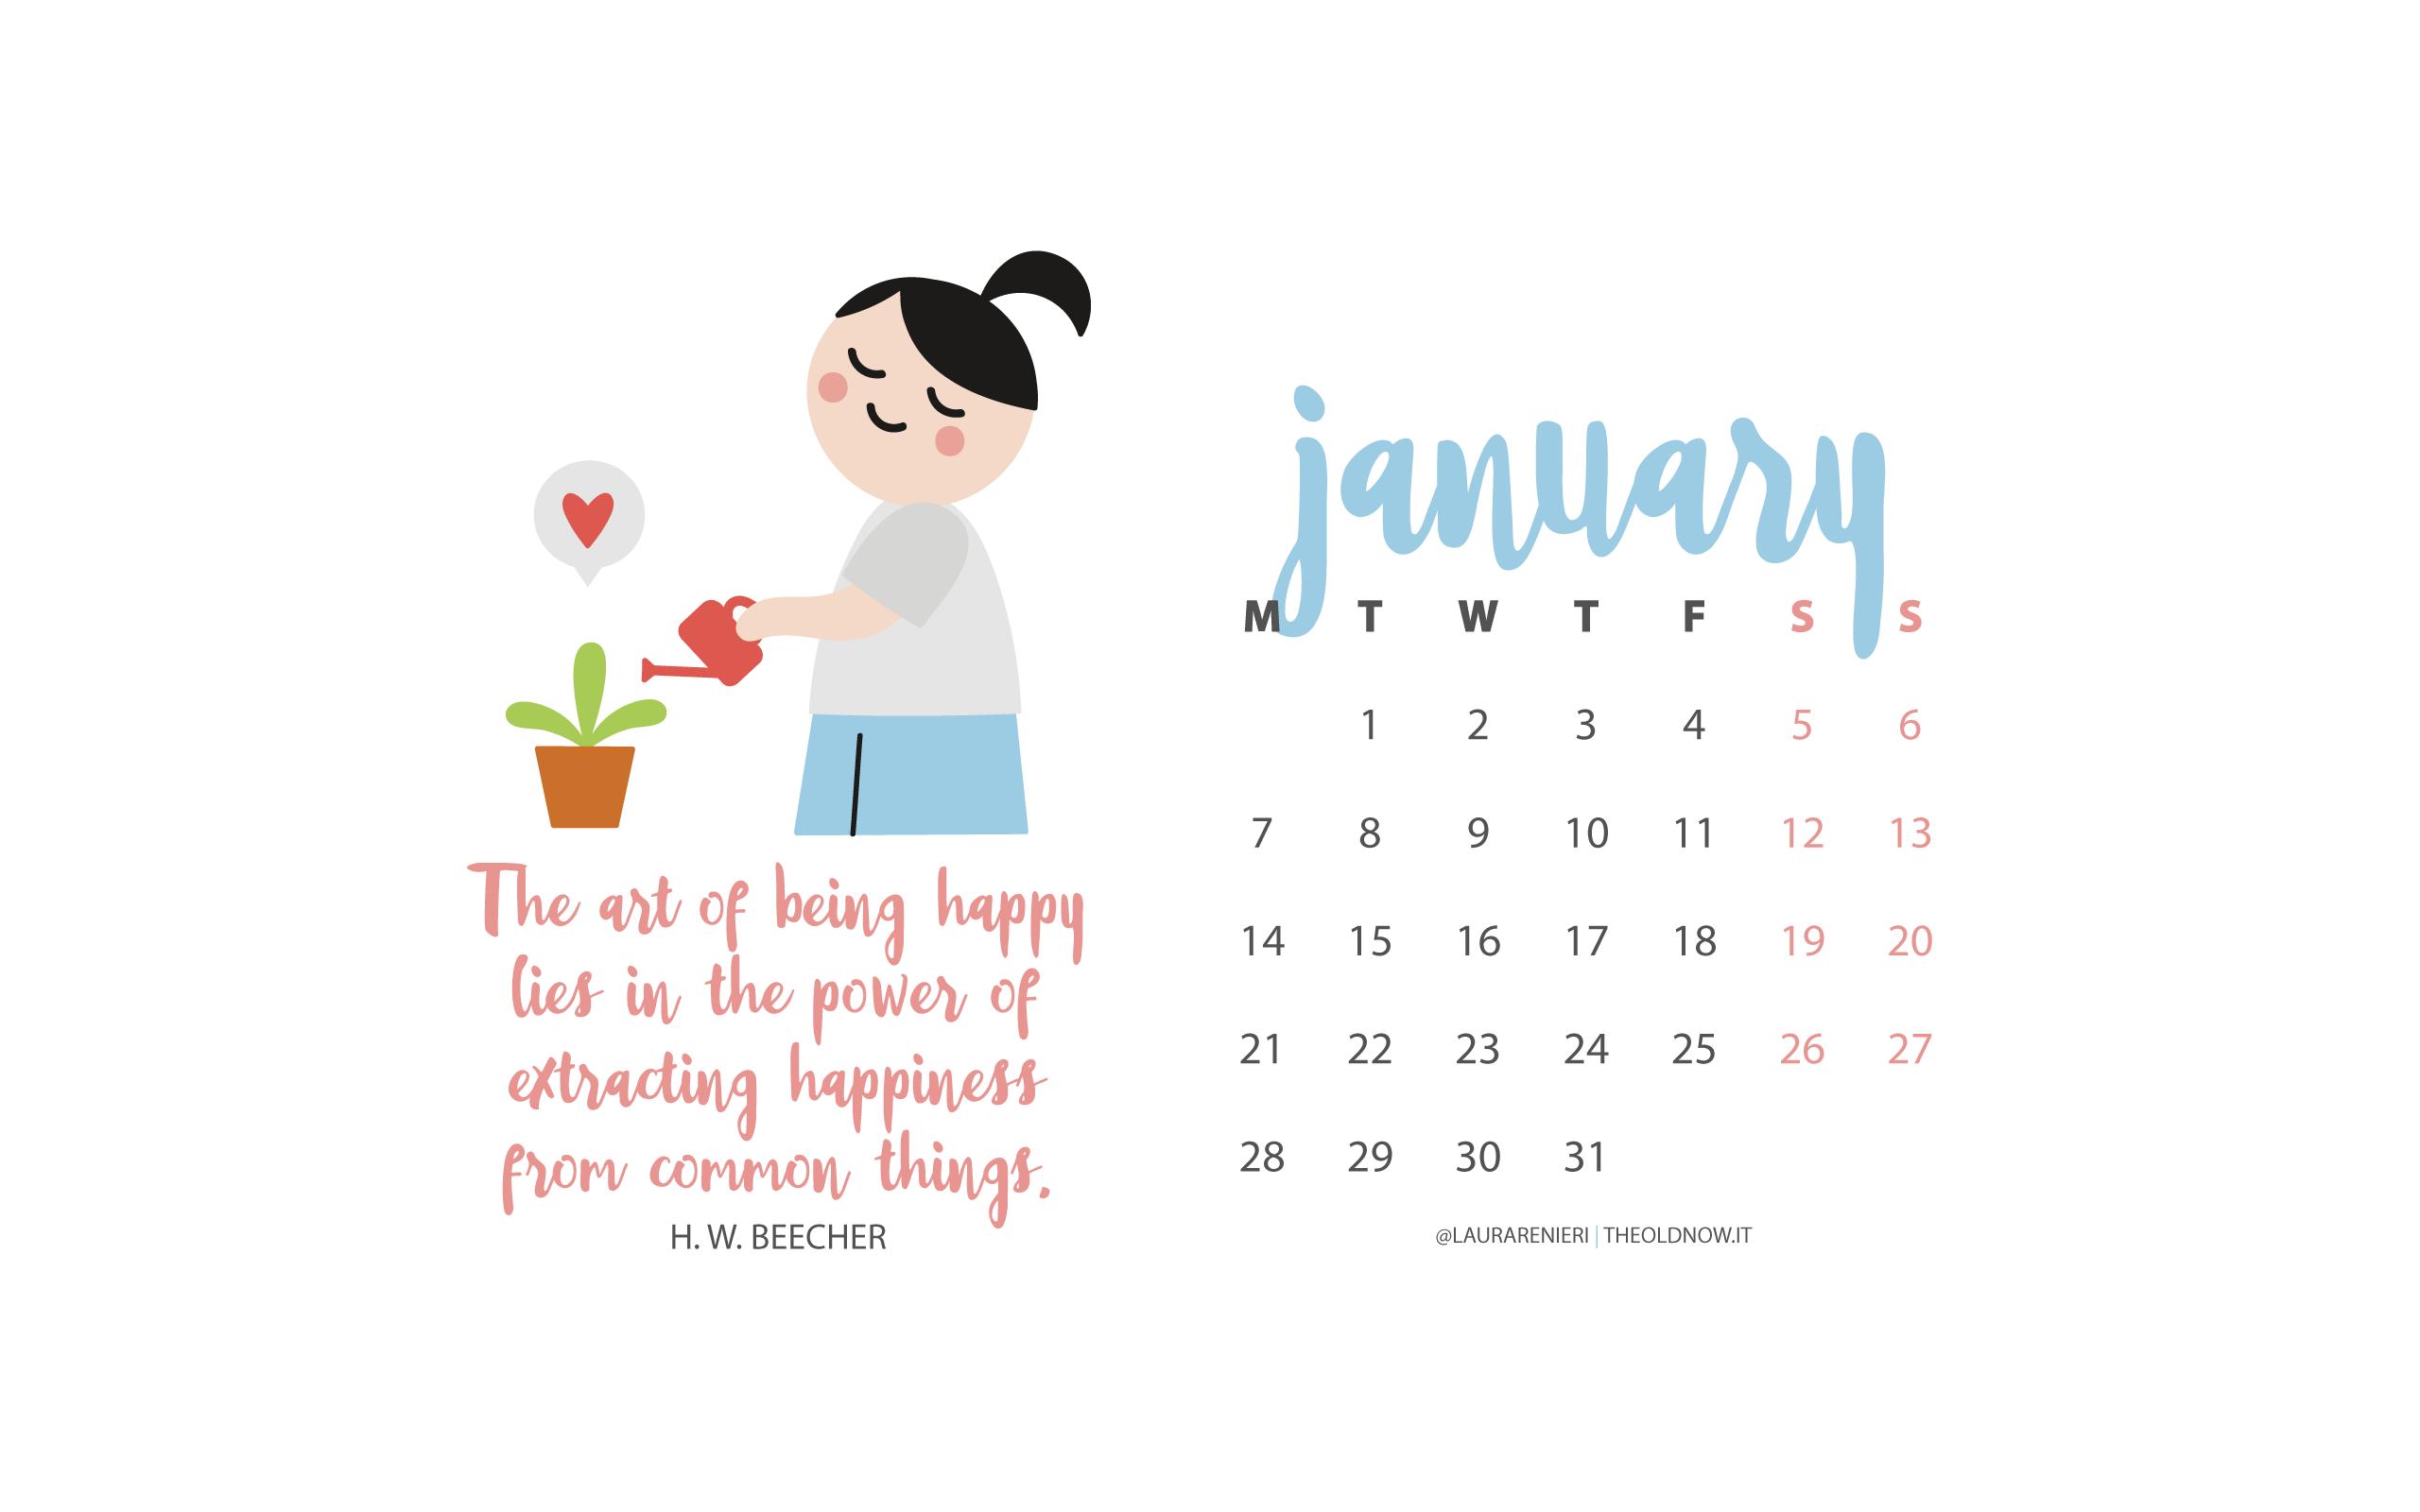 ton_calendar_01_wallpaper1